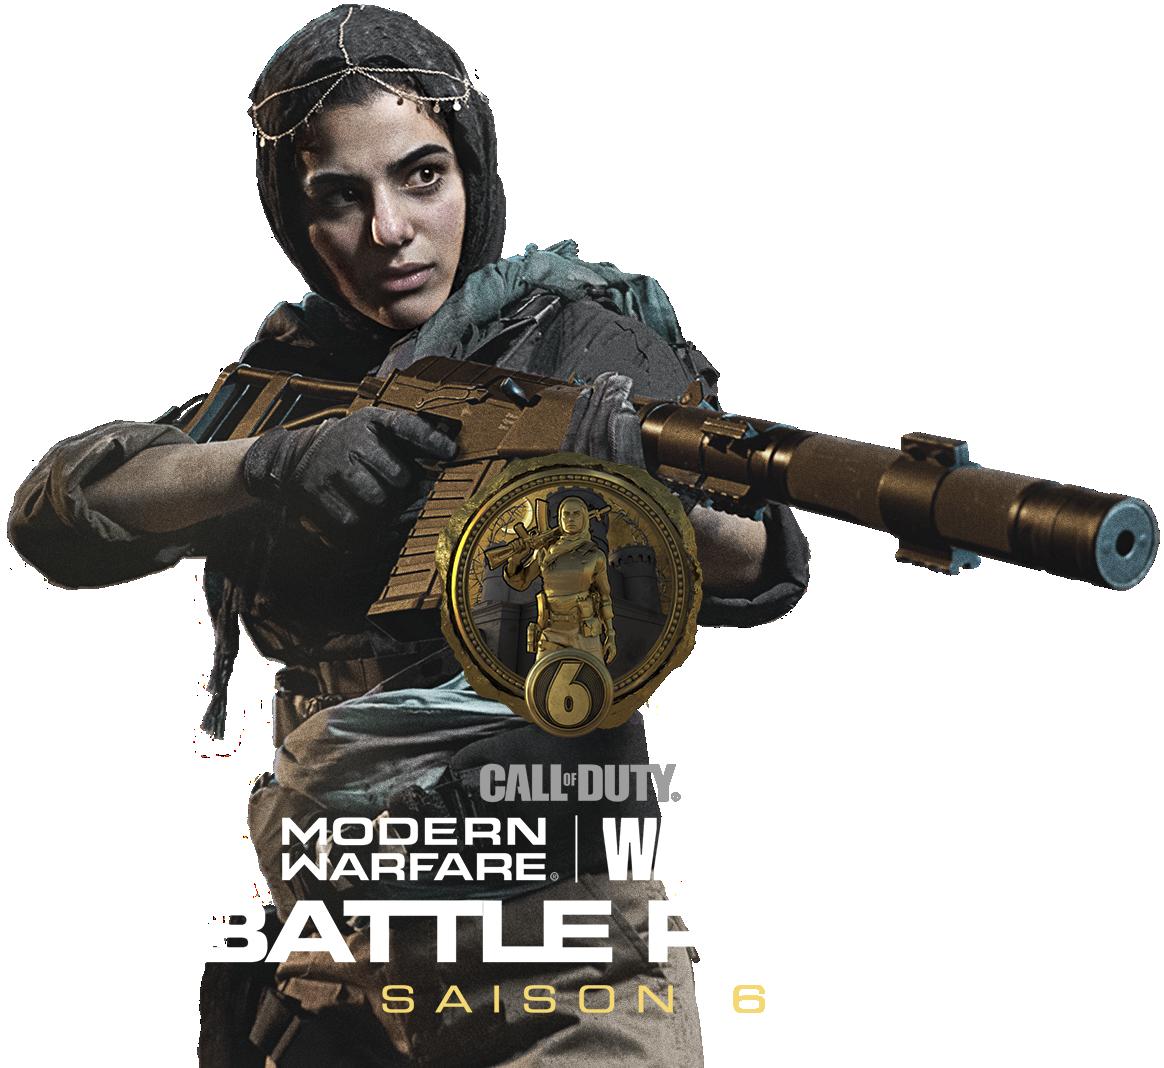 Call of Duty: Modern Warfare – Battlepass